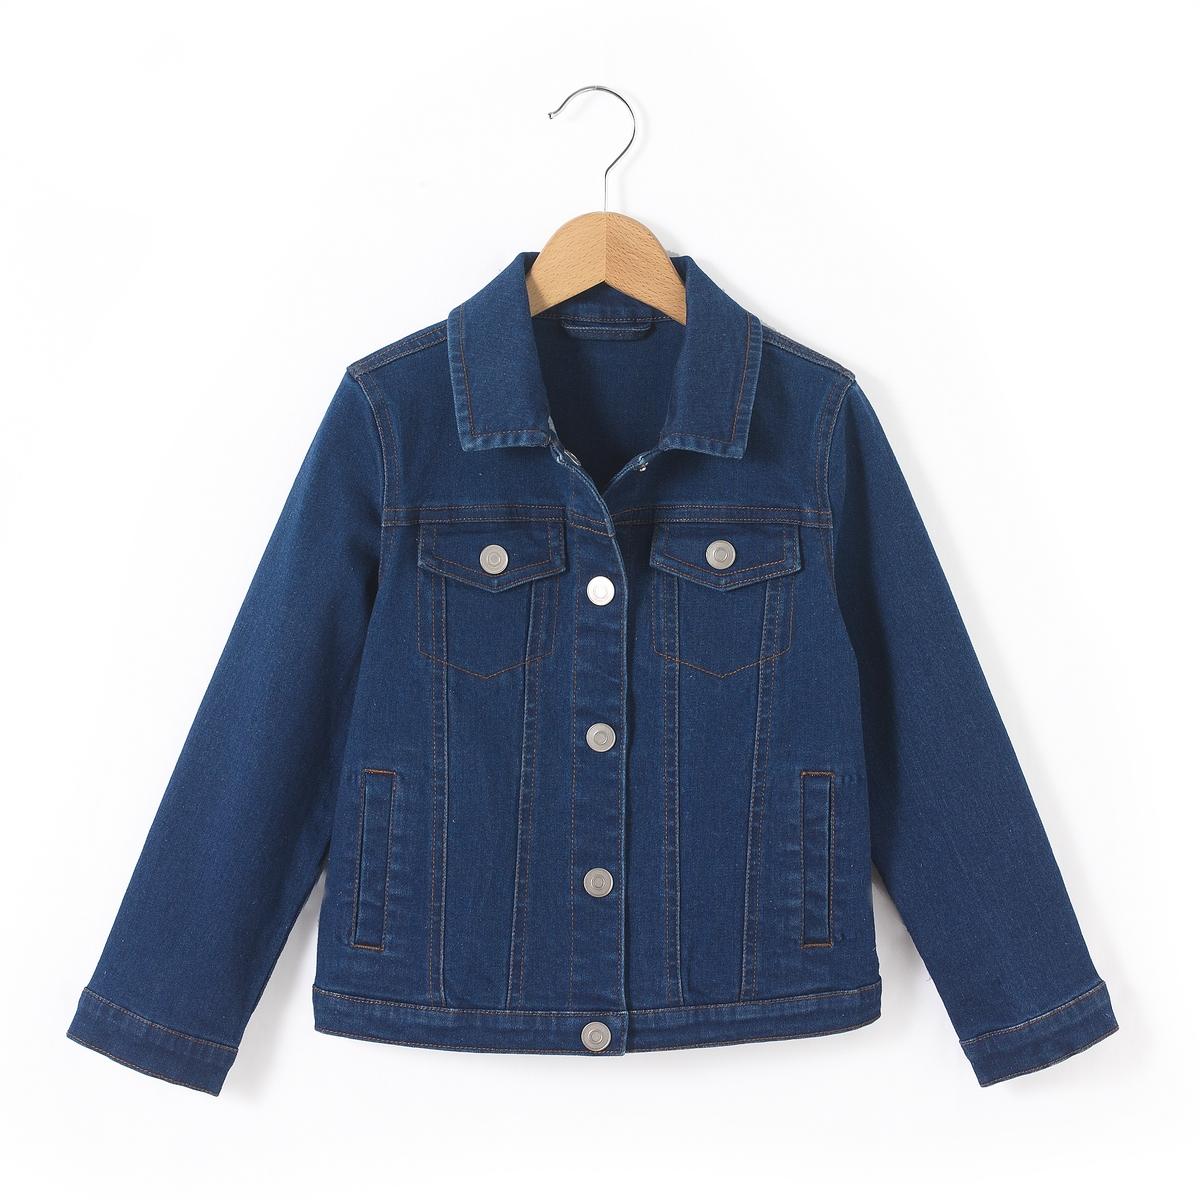 Куртка джинсовая, 3-12 летСлегка укороченная куртка из денима. Линялый эффект спереди и сзади. 2 нагрудных кармана с клапаном на пуговице, 2 боковых кармана. Состав и описаниеМатериал       99% хлопка, 1% эластанаМарка       R essentielУходСтирать и гладить с изнаночной стороныМашинная стирка при 40 °C с вещами схожих цветовМашинная сушка в умеренном режимеГладить при средней температуре.<br><br>Цвет: синий<br>Размер: 10 лет - 138 см.8 лет - 126 см.6 лет - 114 см.5 лет - 108 см.4 года - 102 см.3 года - 94 см.12 лет -150 см